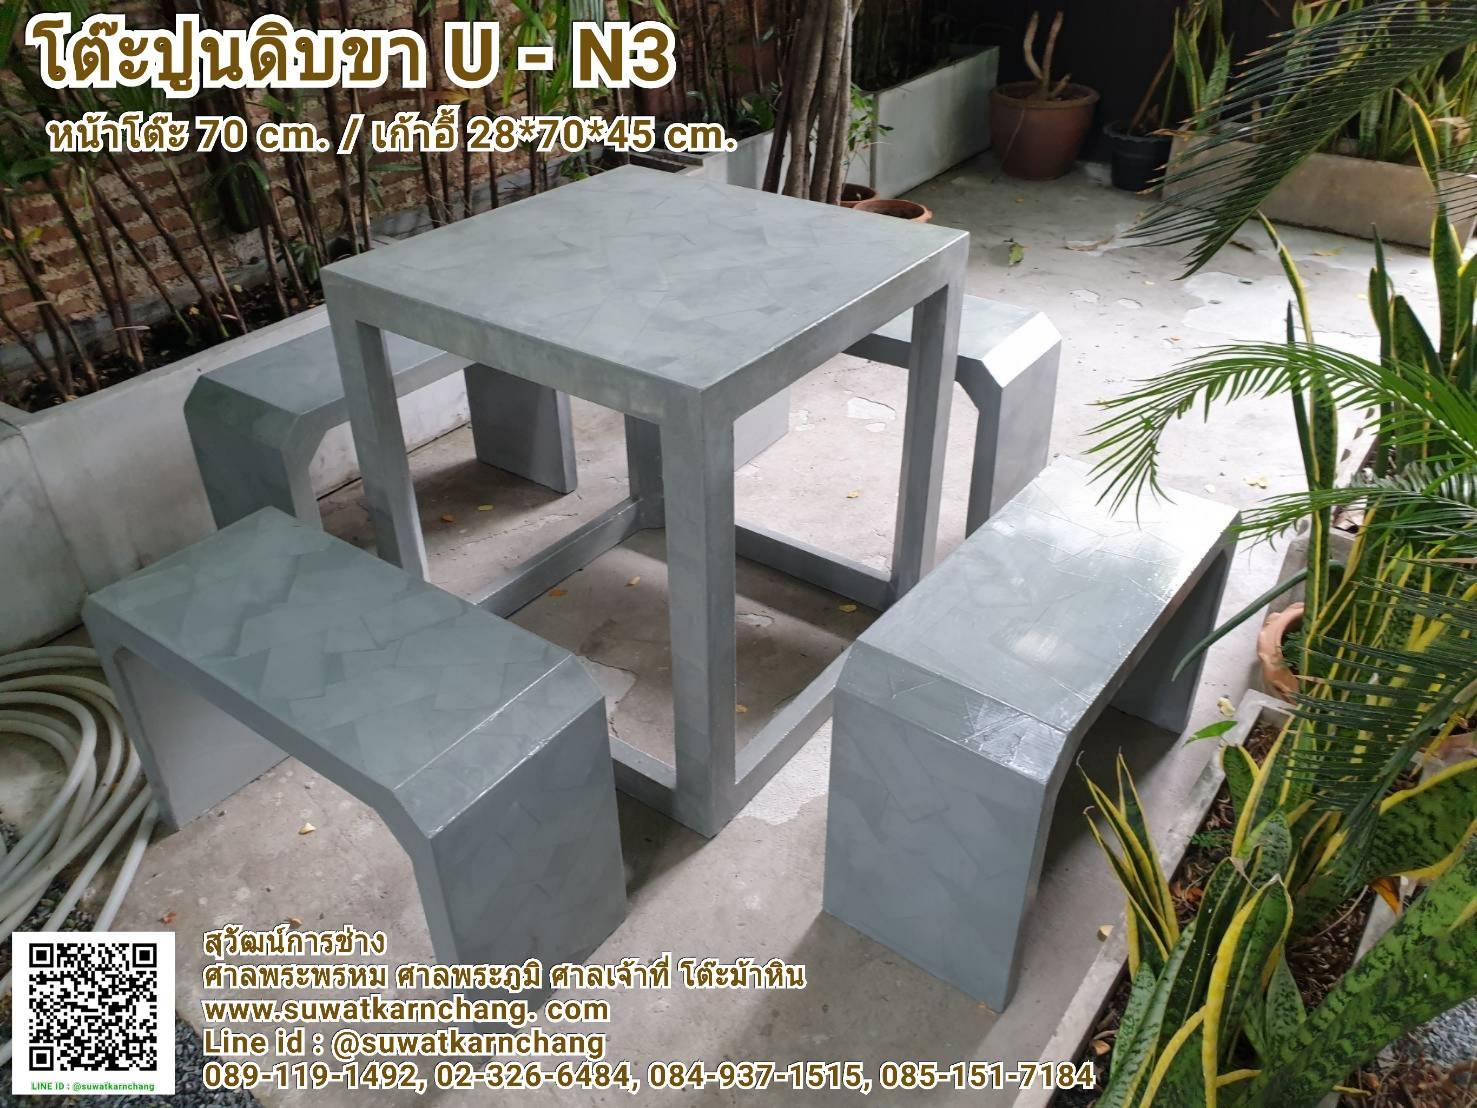 โต๊ะปูนดิบ  โต๊ะสไตล์ลอฟท์ N3